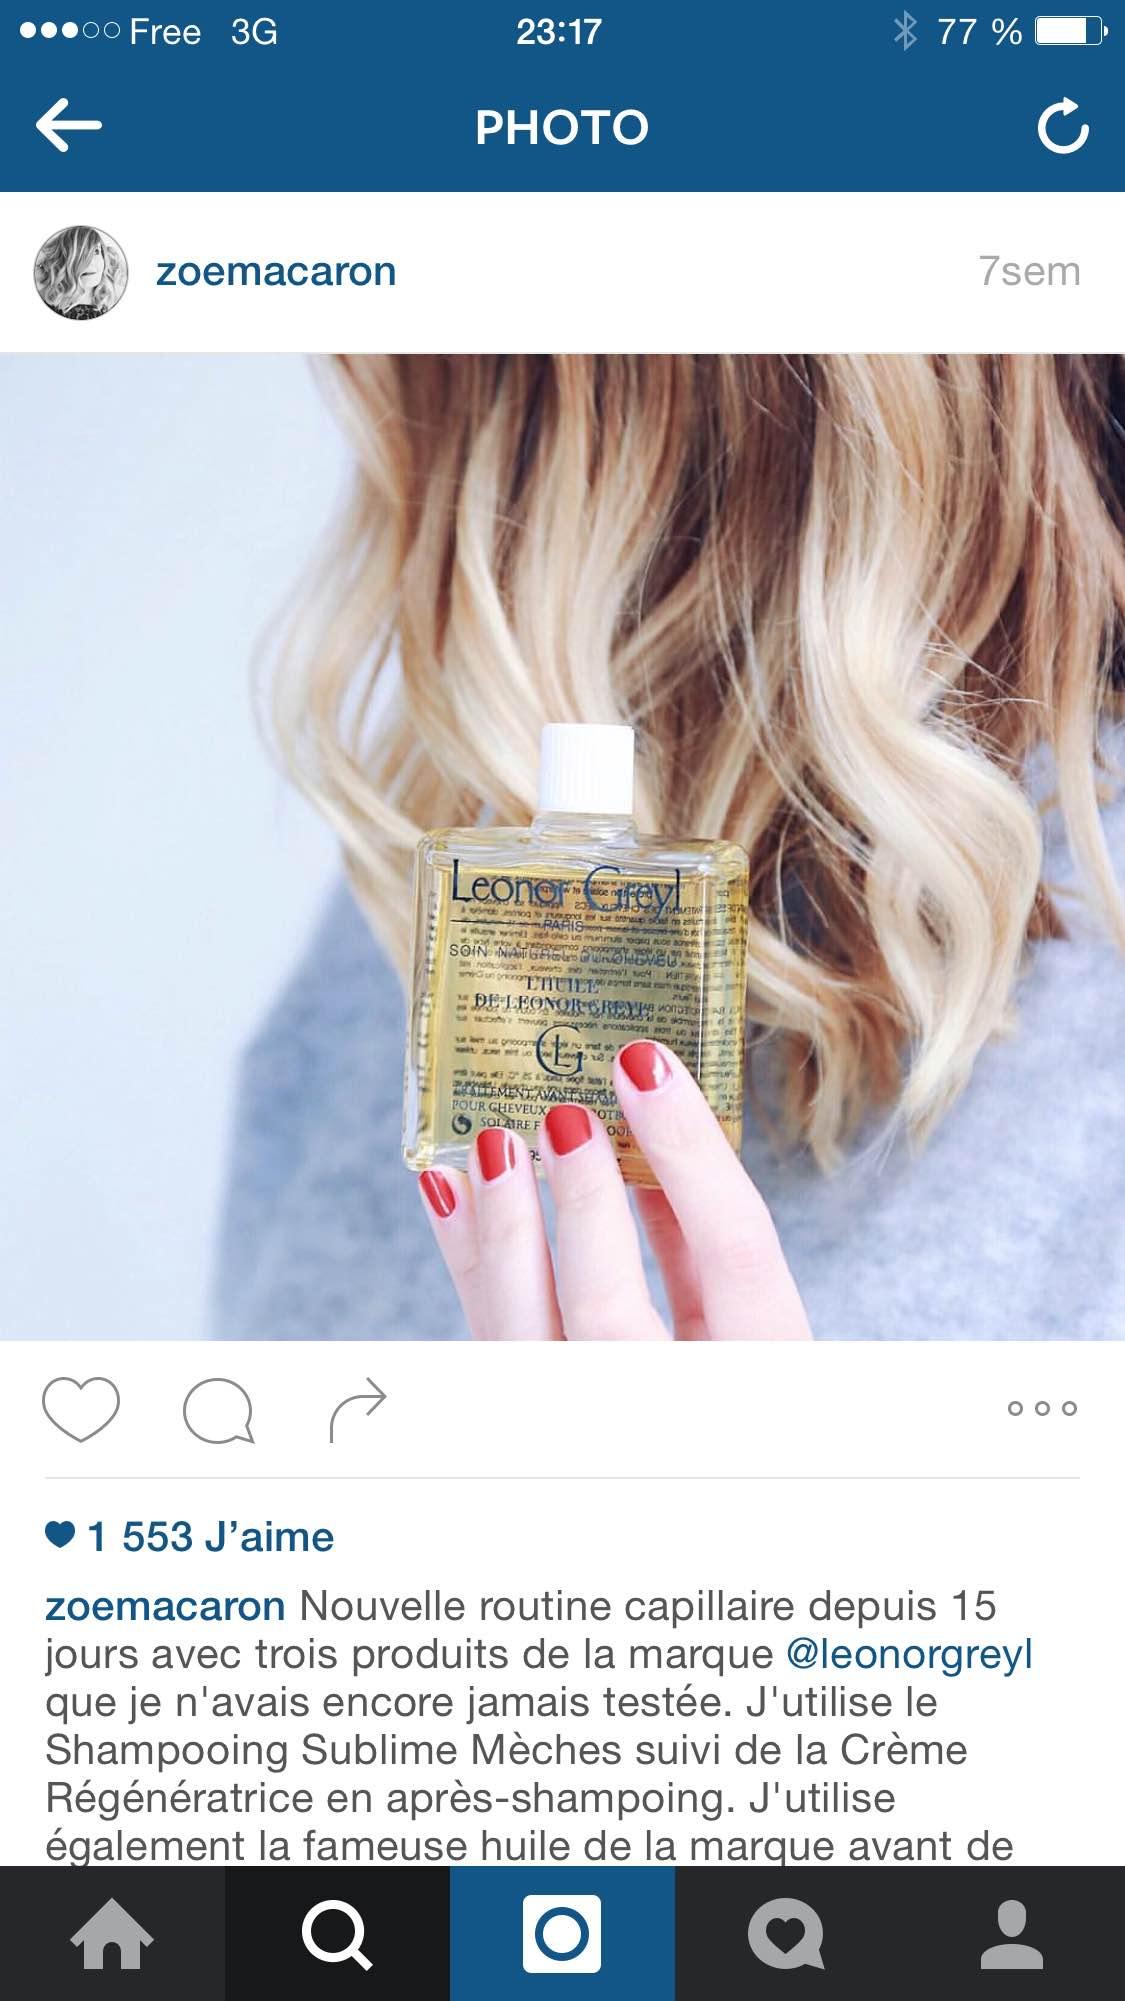 Liiinks publicité sur instagram